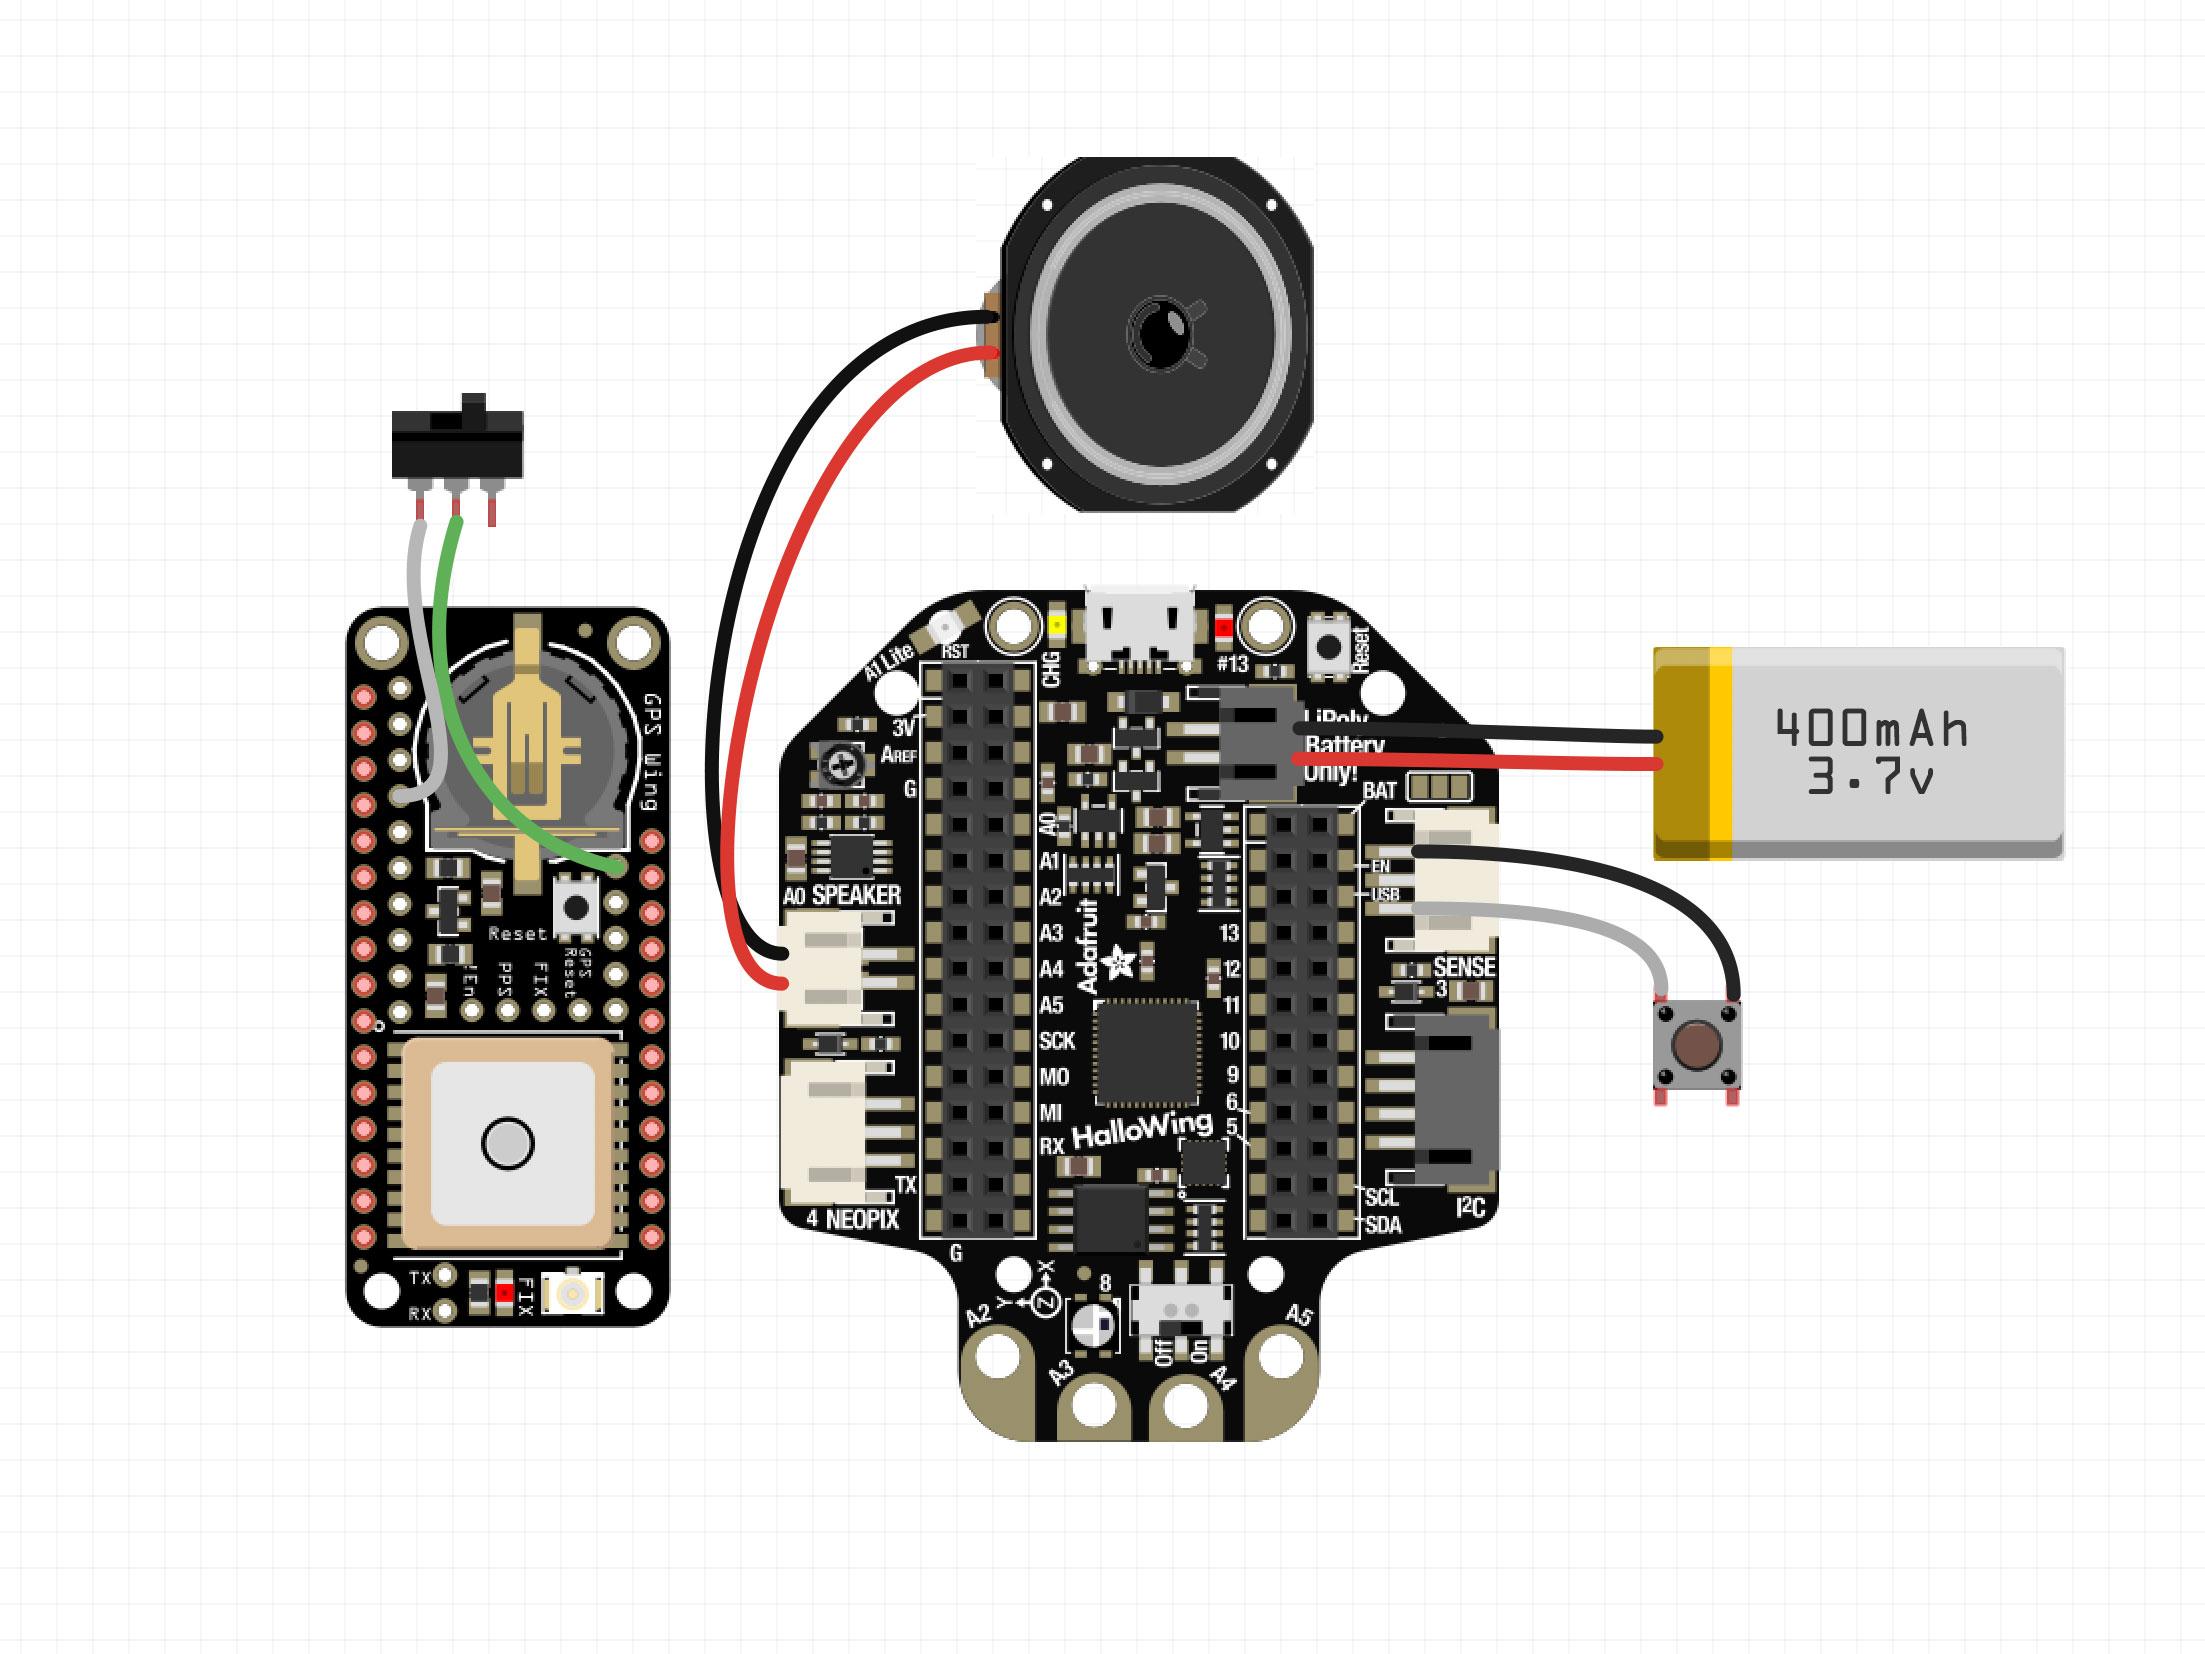 gps_circuit-diagram.jpg